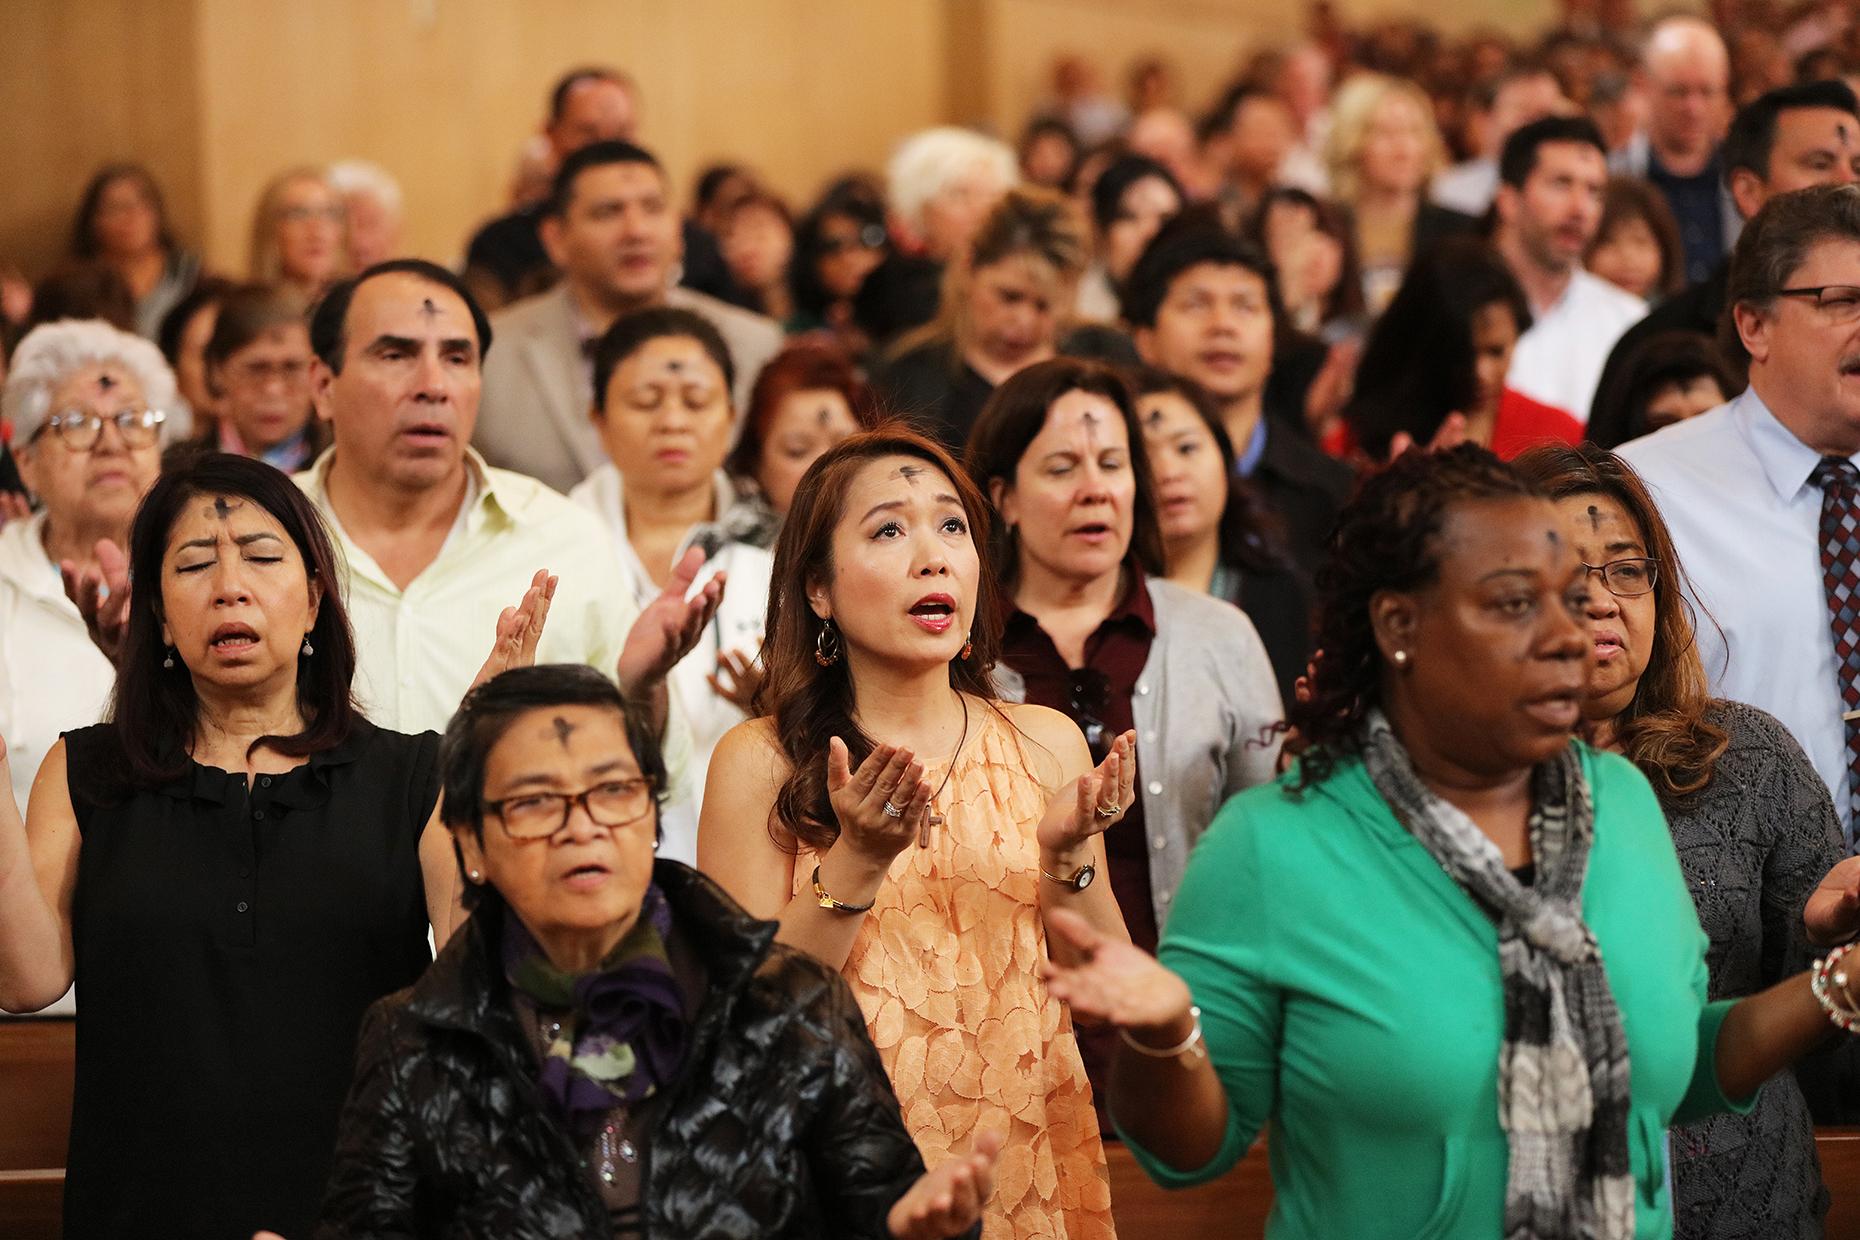 hispanic religious beliefs health care